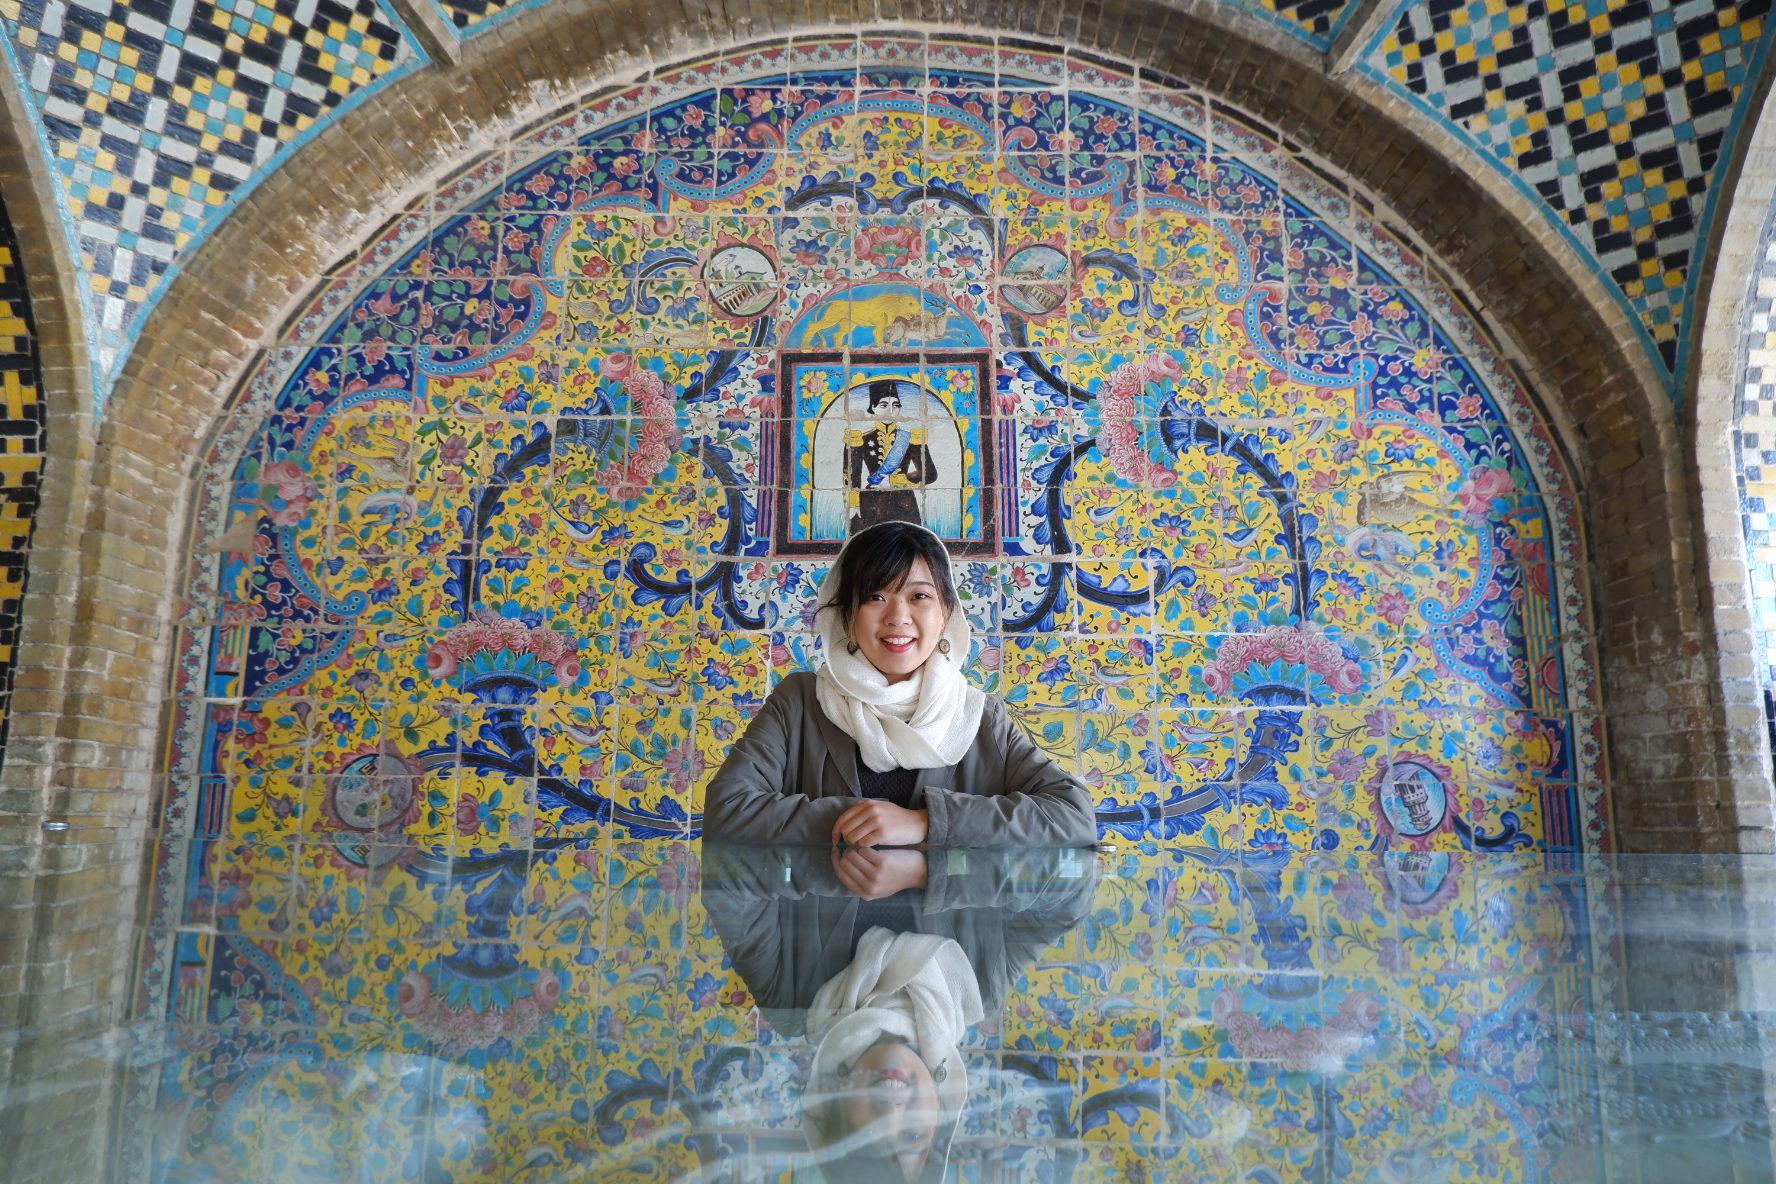 伊朗的美輪美奐建築,令 Priscilla 十分難忘。(受訪者提供)